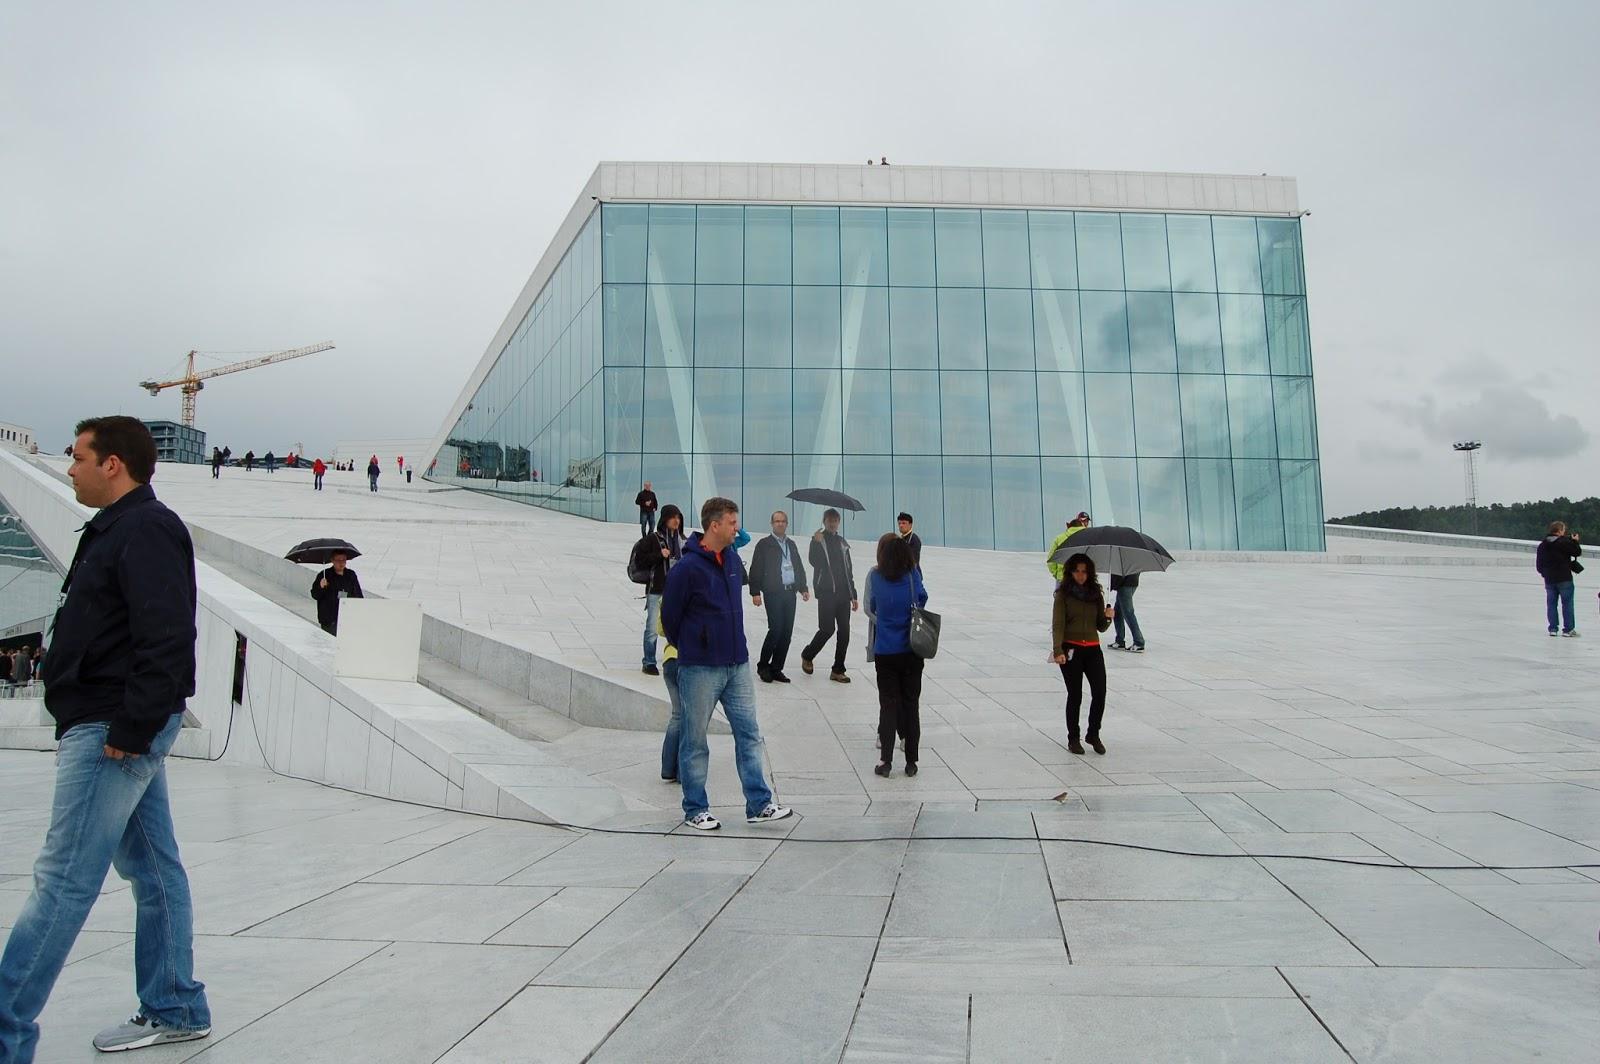 budynek Opery w Oslo, Norwegia